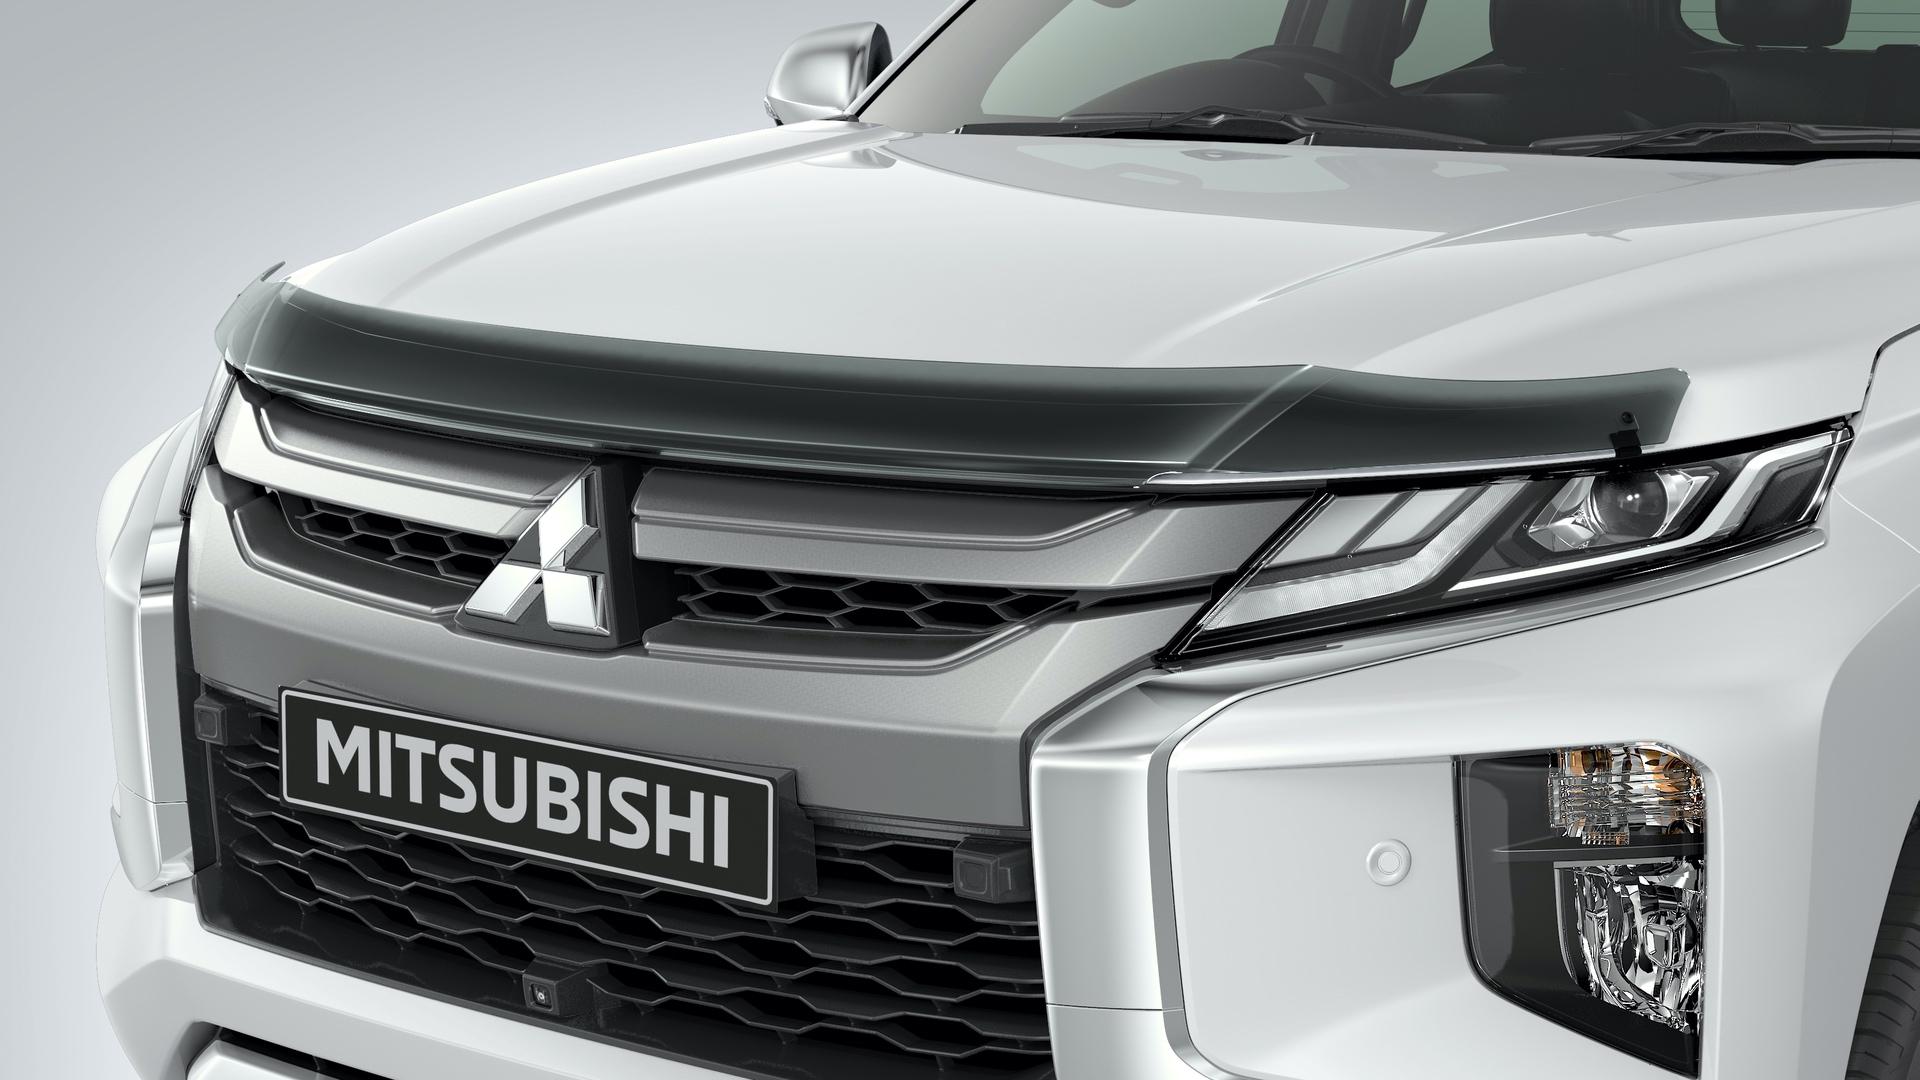 2019_Mitsubishi_L200_0059